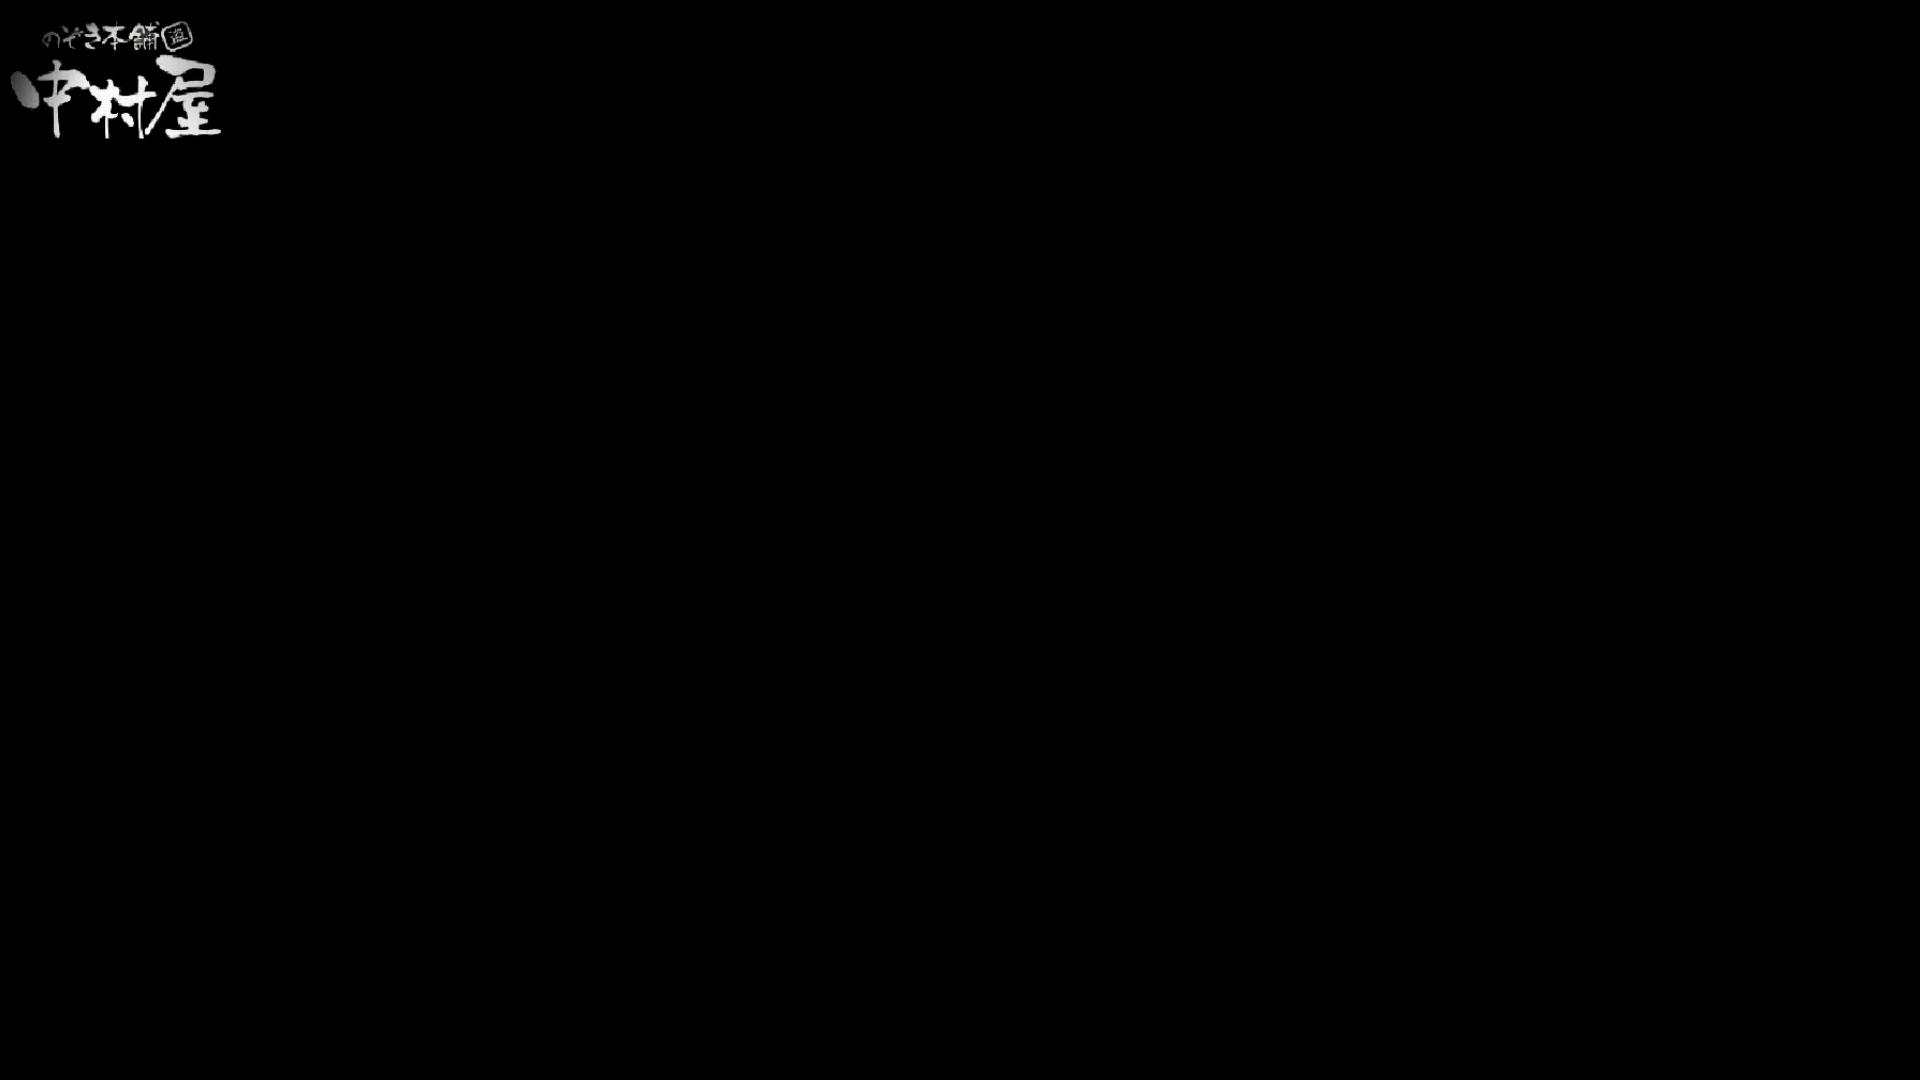 雅さんが厳選新年特別コンテンツ!激走!東京マラソン選手専用女子トイレvol.9 トイレ 盗撮 105PIX 20